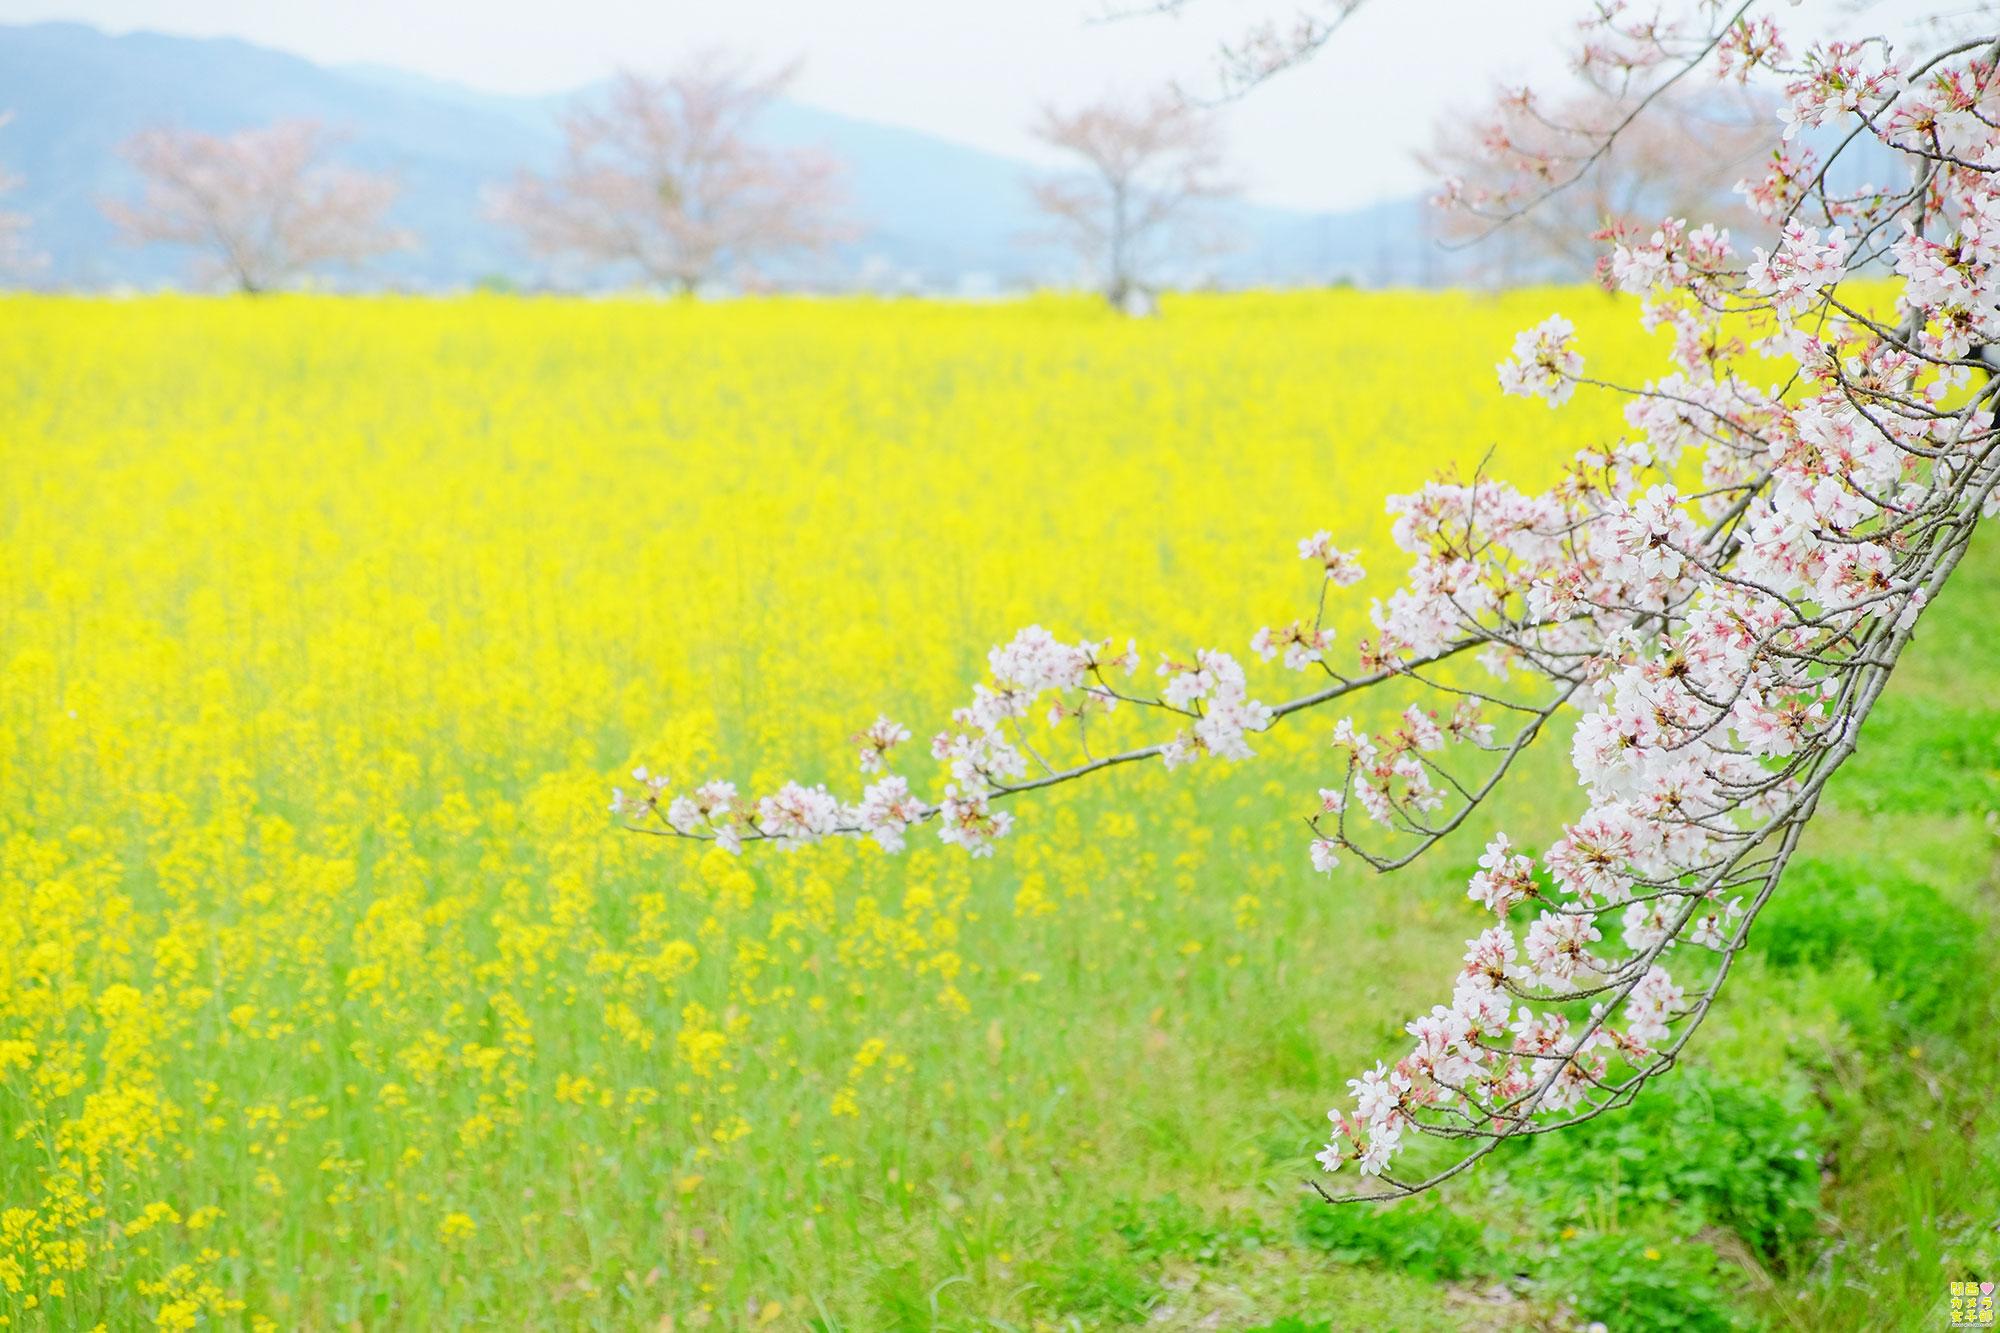 hiro_fujiwara_DSCF1896